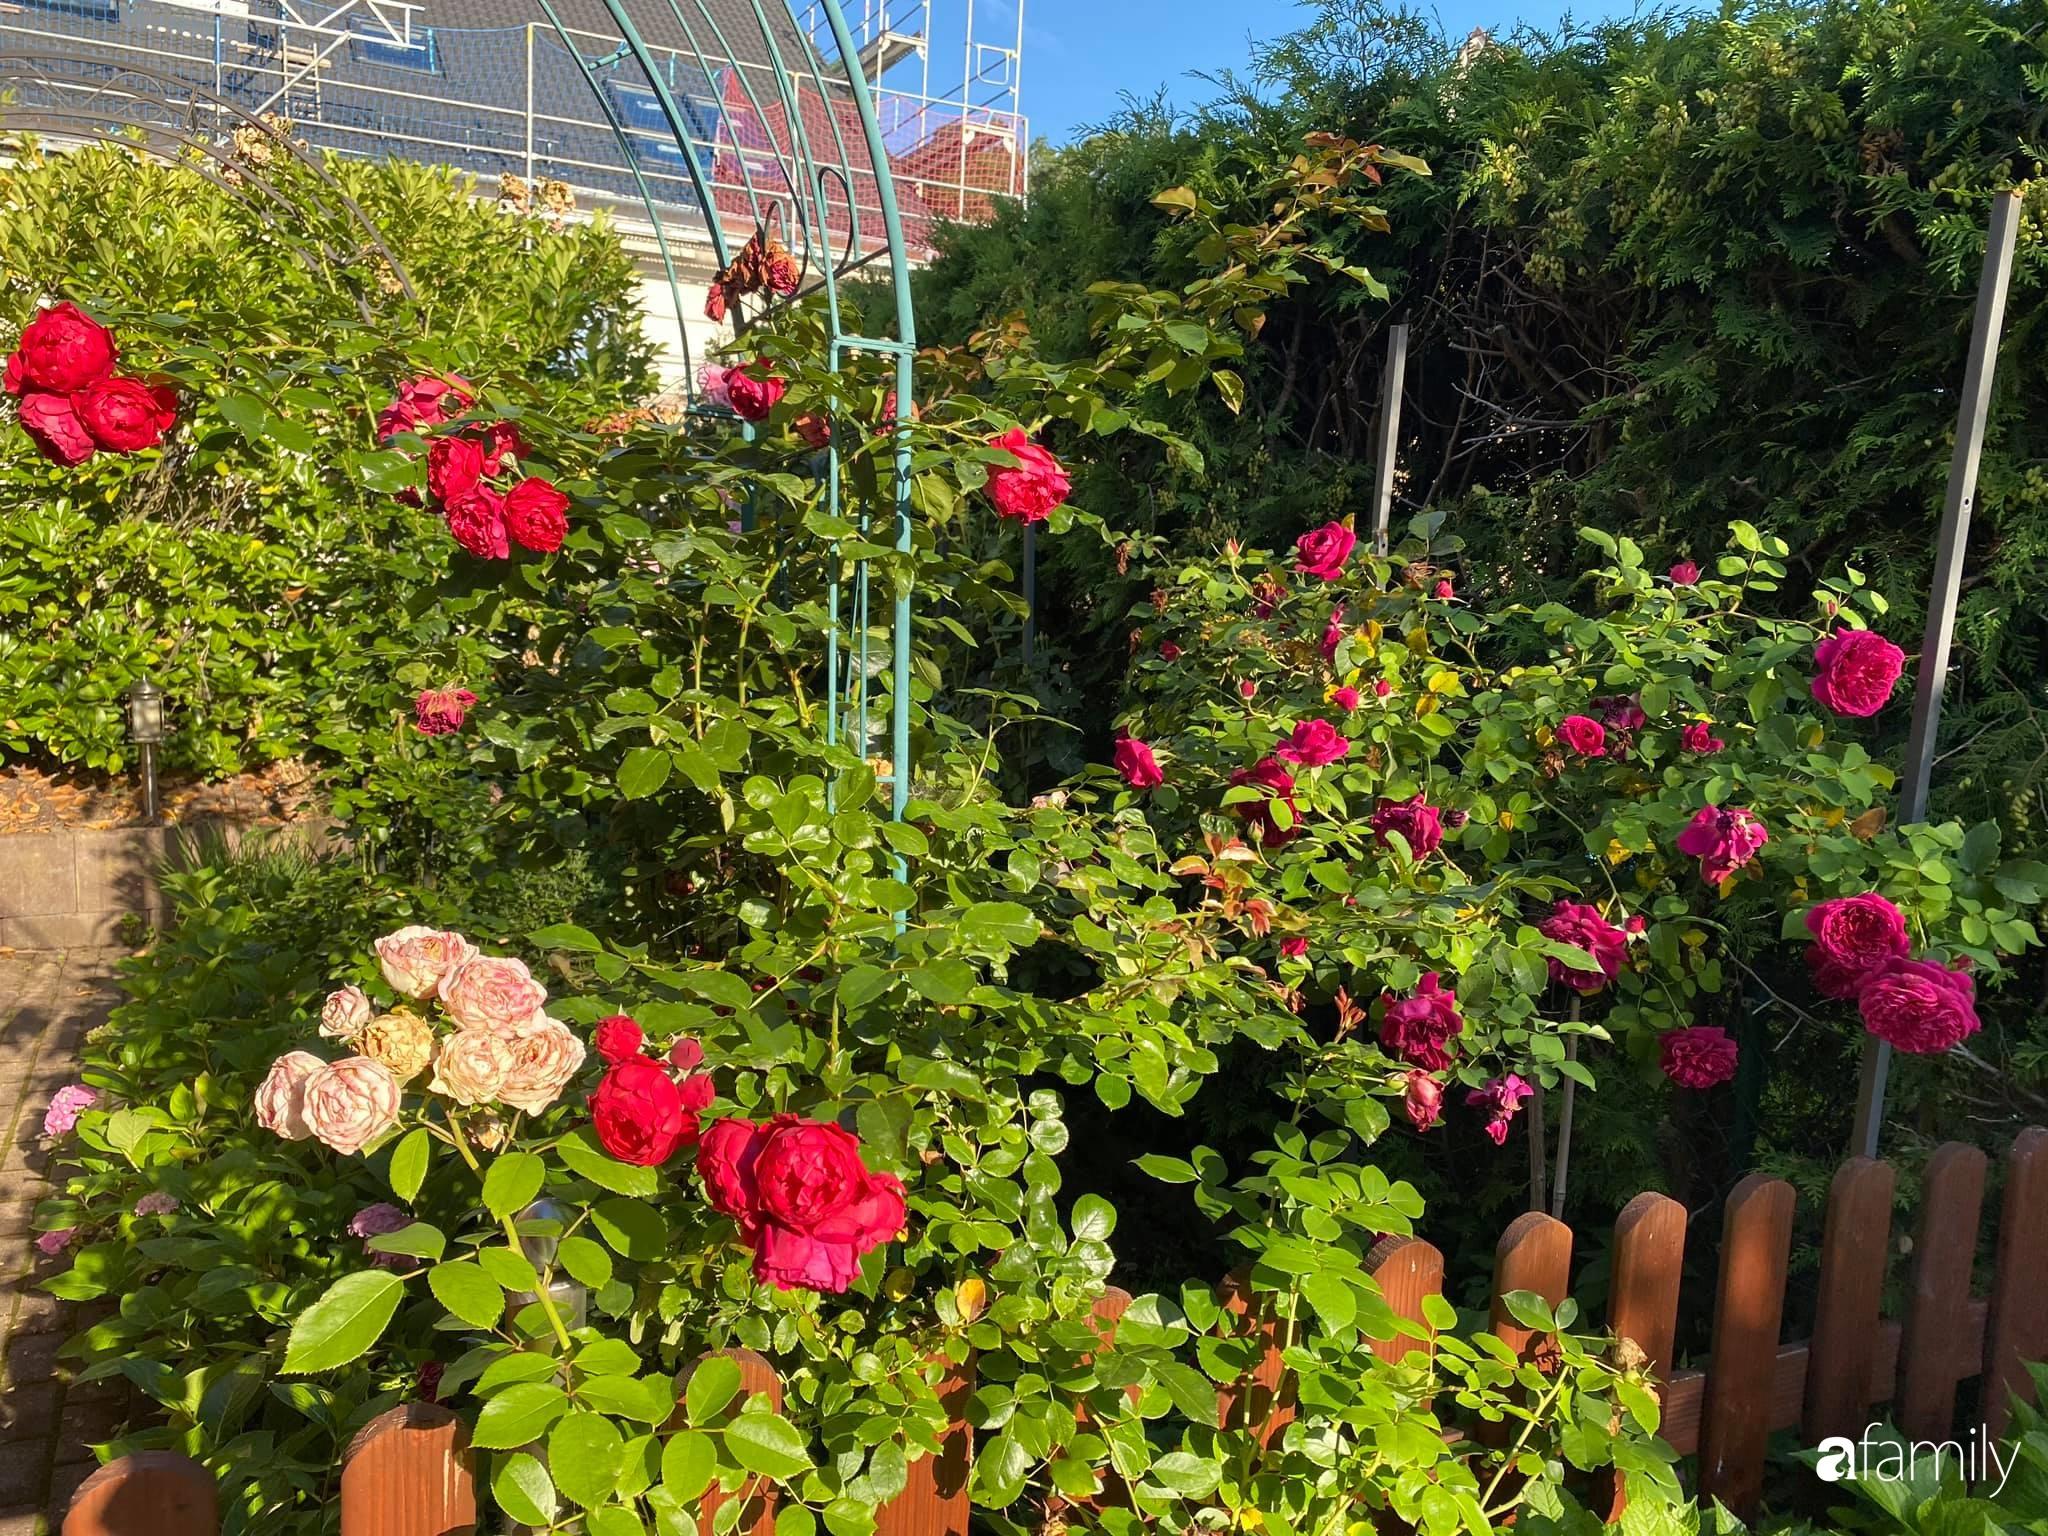 Khu vườn 300m² giữa đô thị náo nhiệt vẫn an yên, thư thái nhờ mẹ Việt trồng cây và hoa tốt tươi - Ảnh 11.